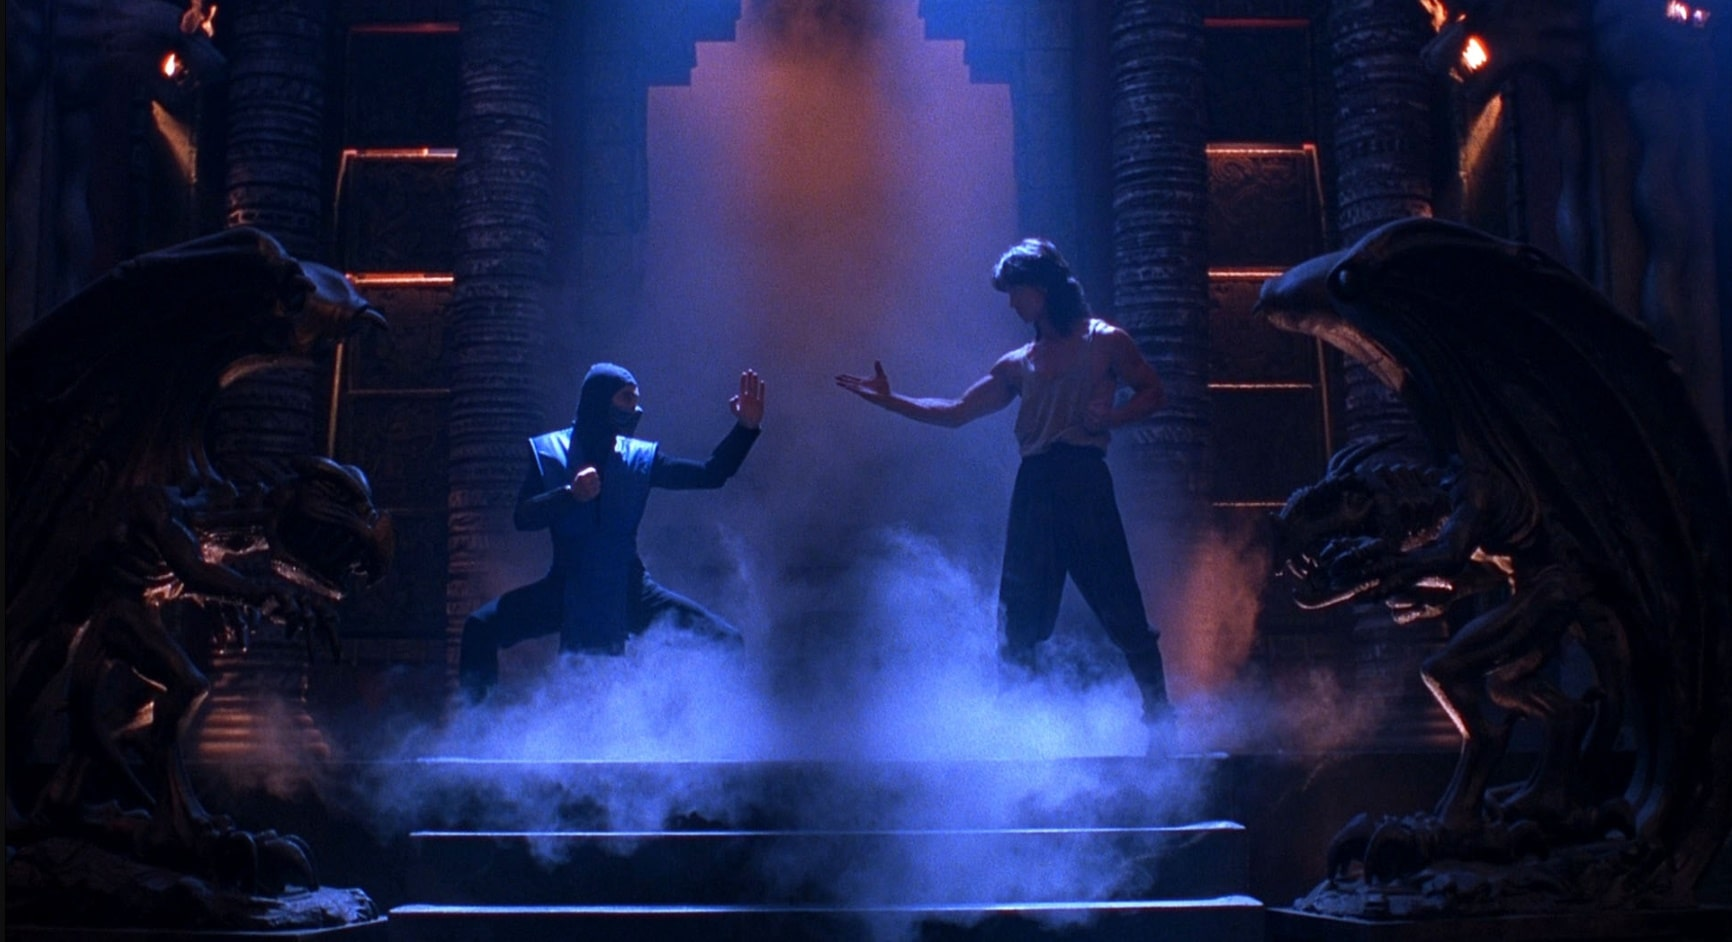 Смертельная битва / Mortal Kombat (1995): кадр из фильма